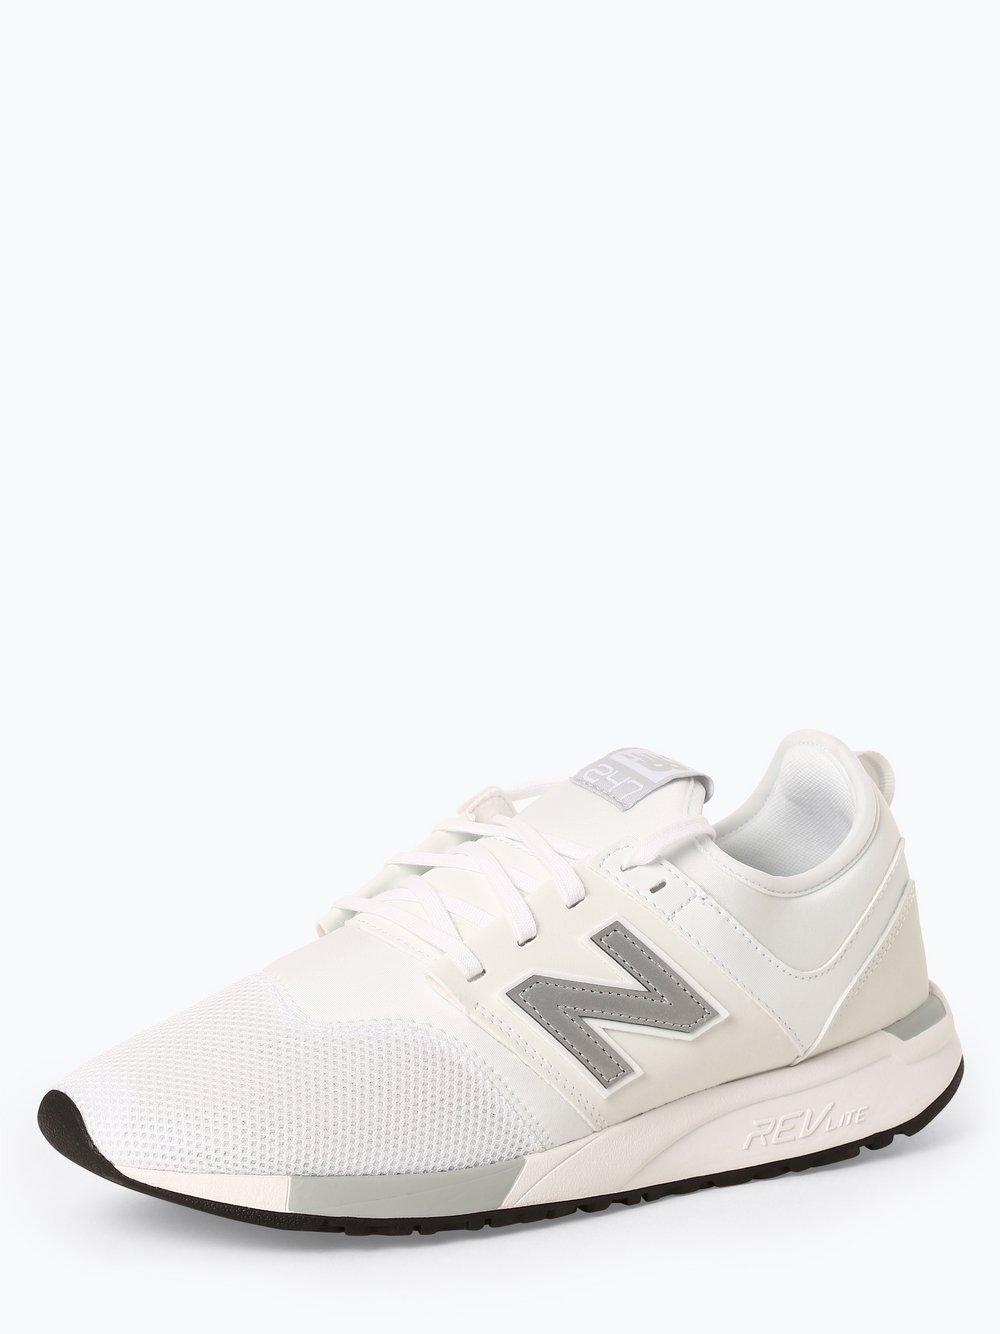 New Balance - Tenisówki męskie, biały